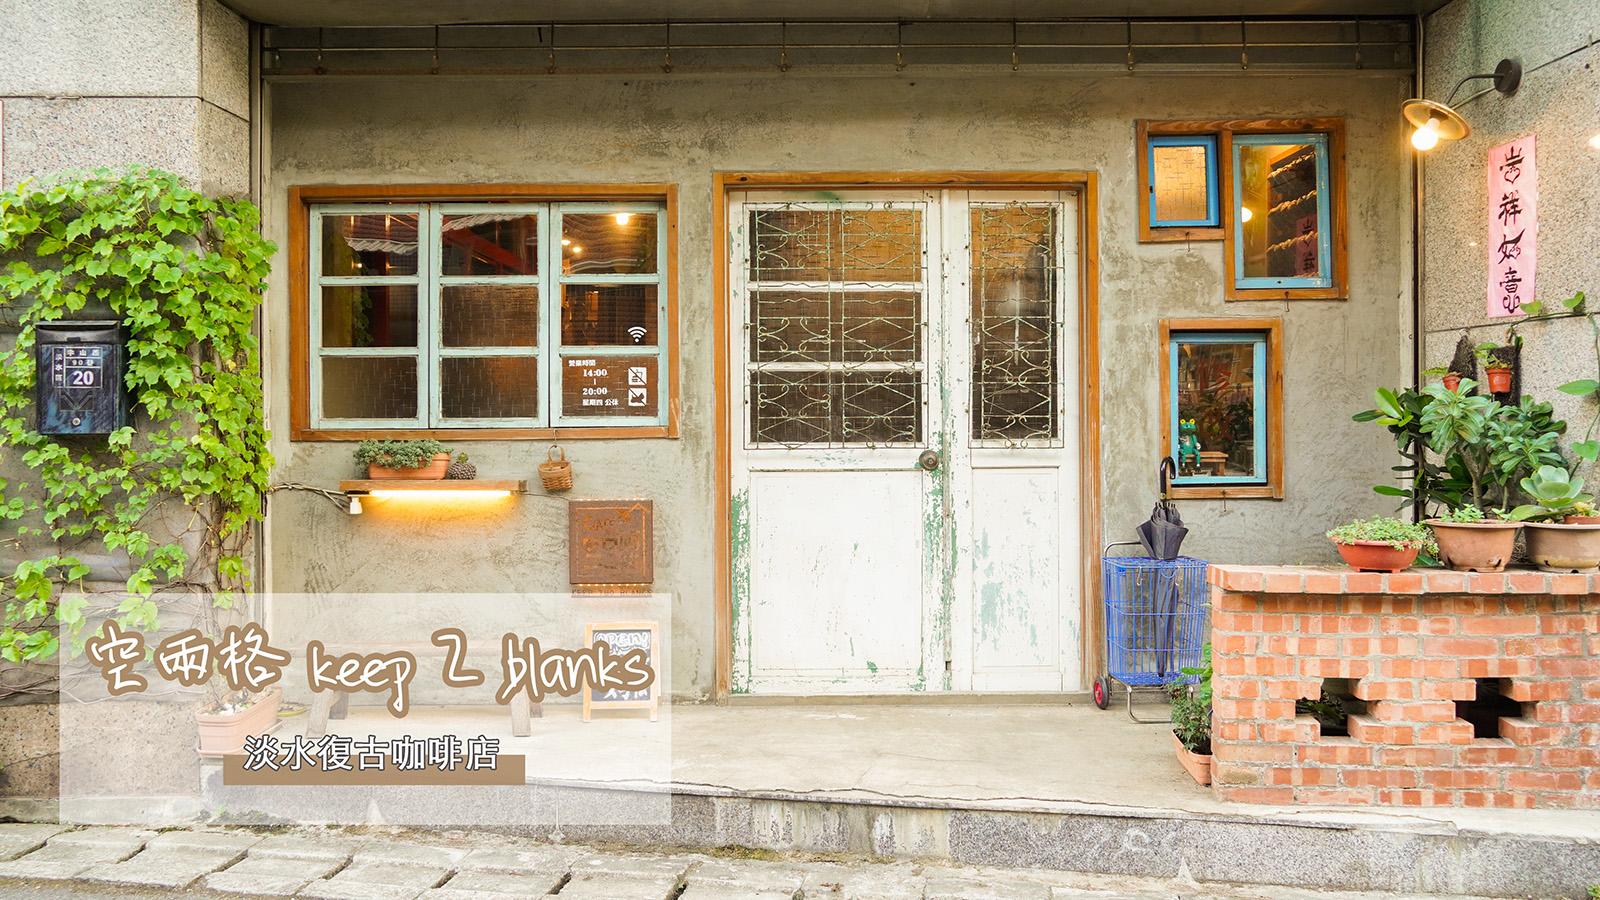 閱讀文章:☆【新北/淡水】空兩格 Café 復古咖啡館。內行人帶路的巷仔內咖啡廳